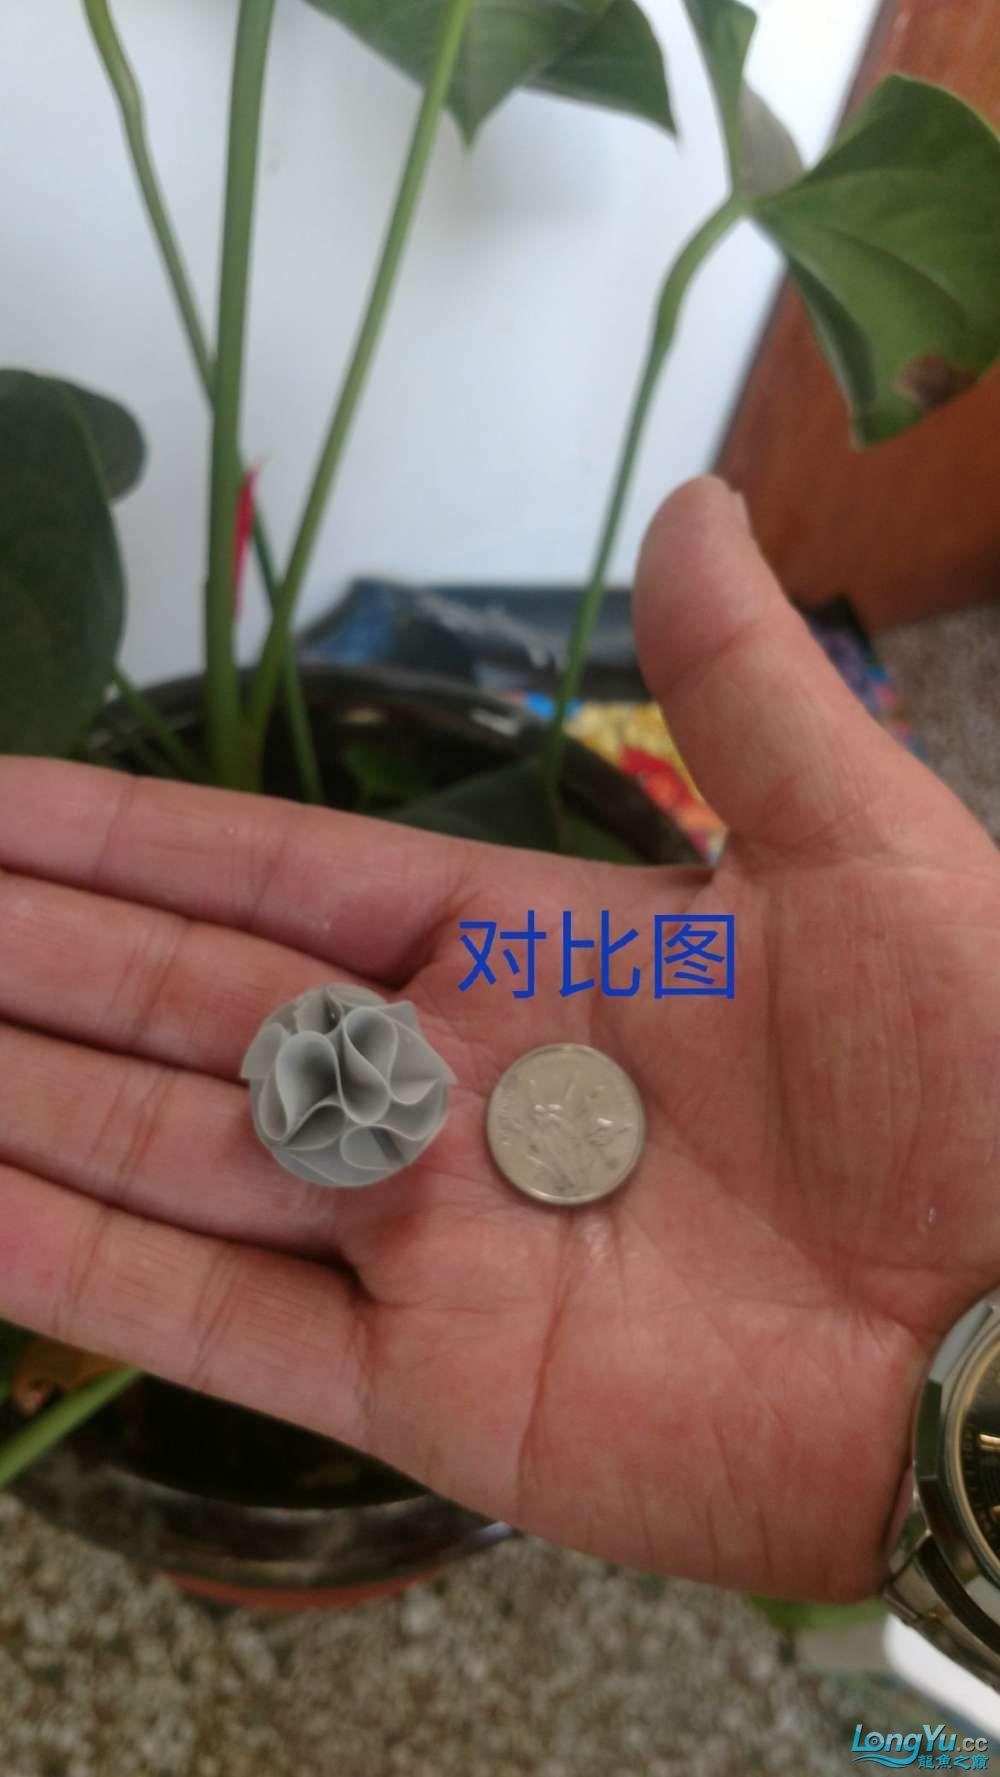 十川滤材试用报告 西安龙鱼论坛 西安博特第16张